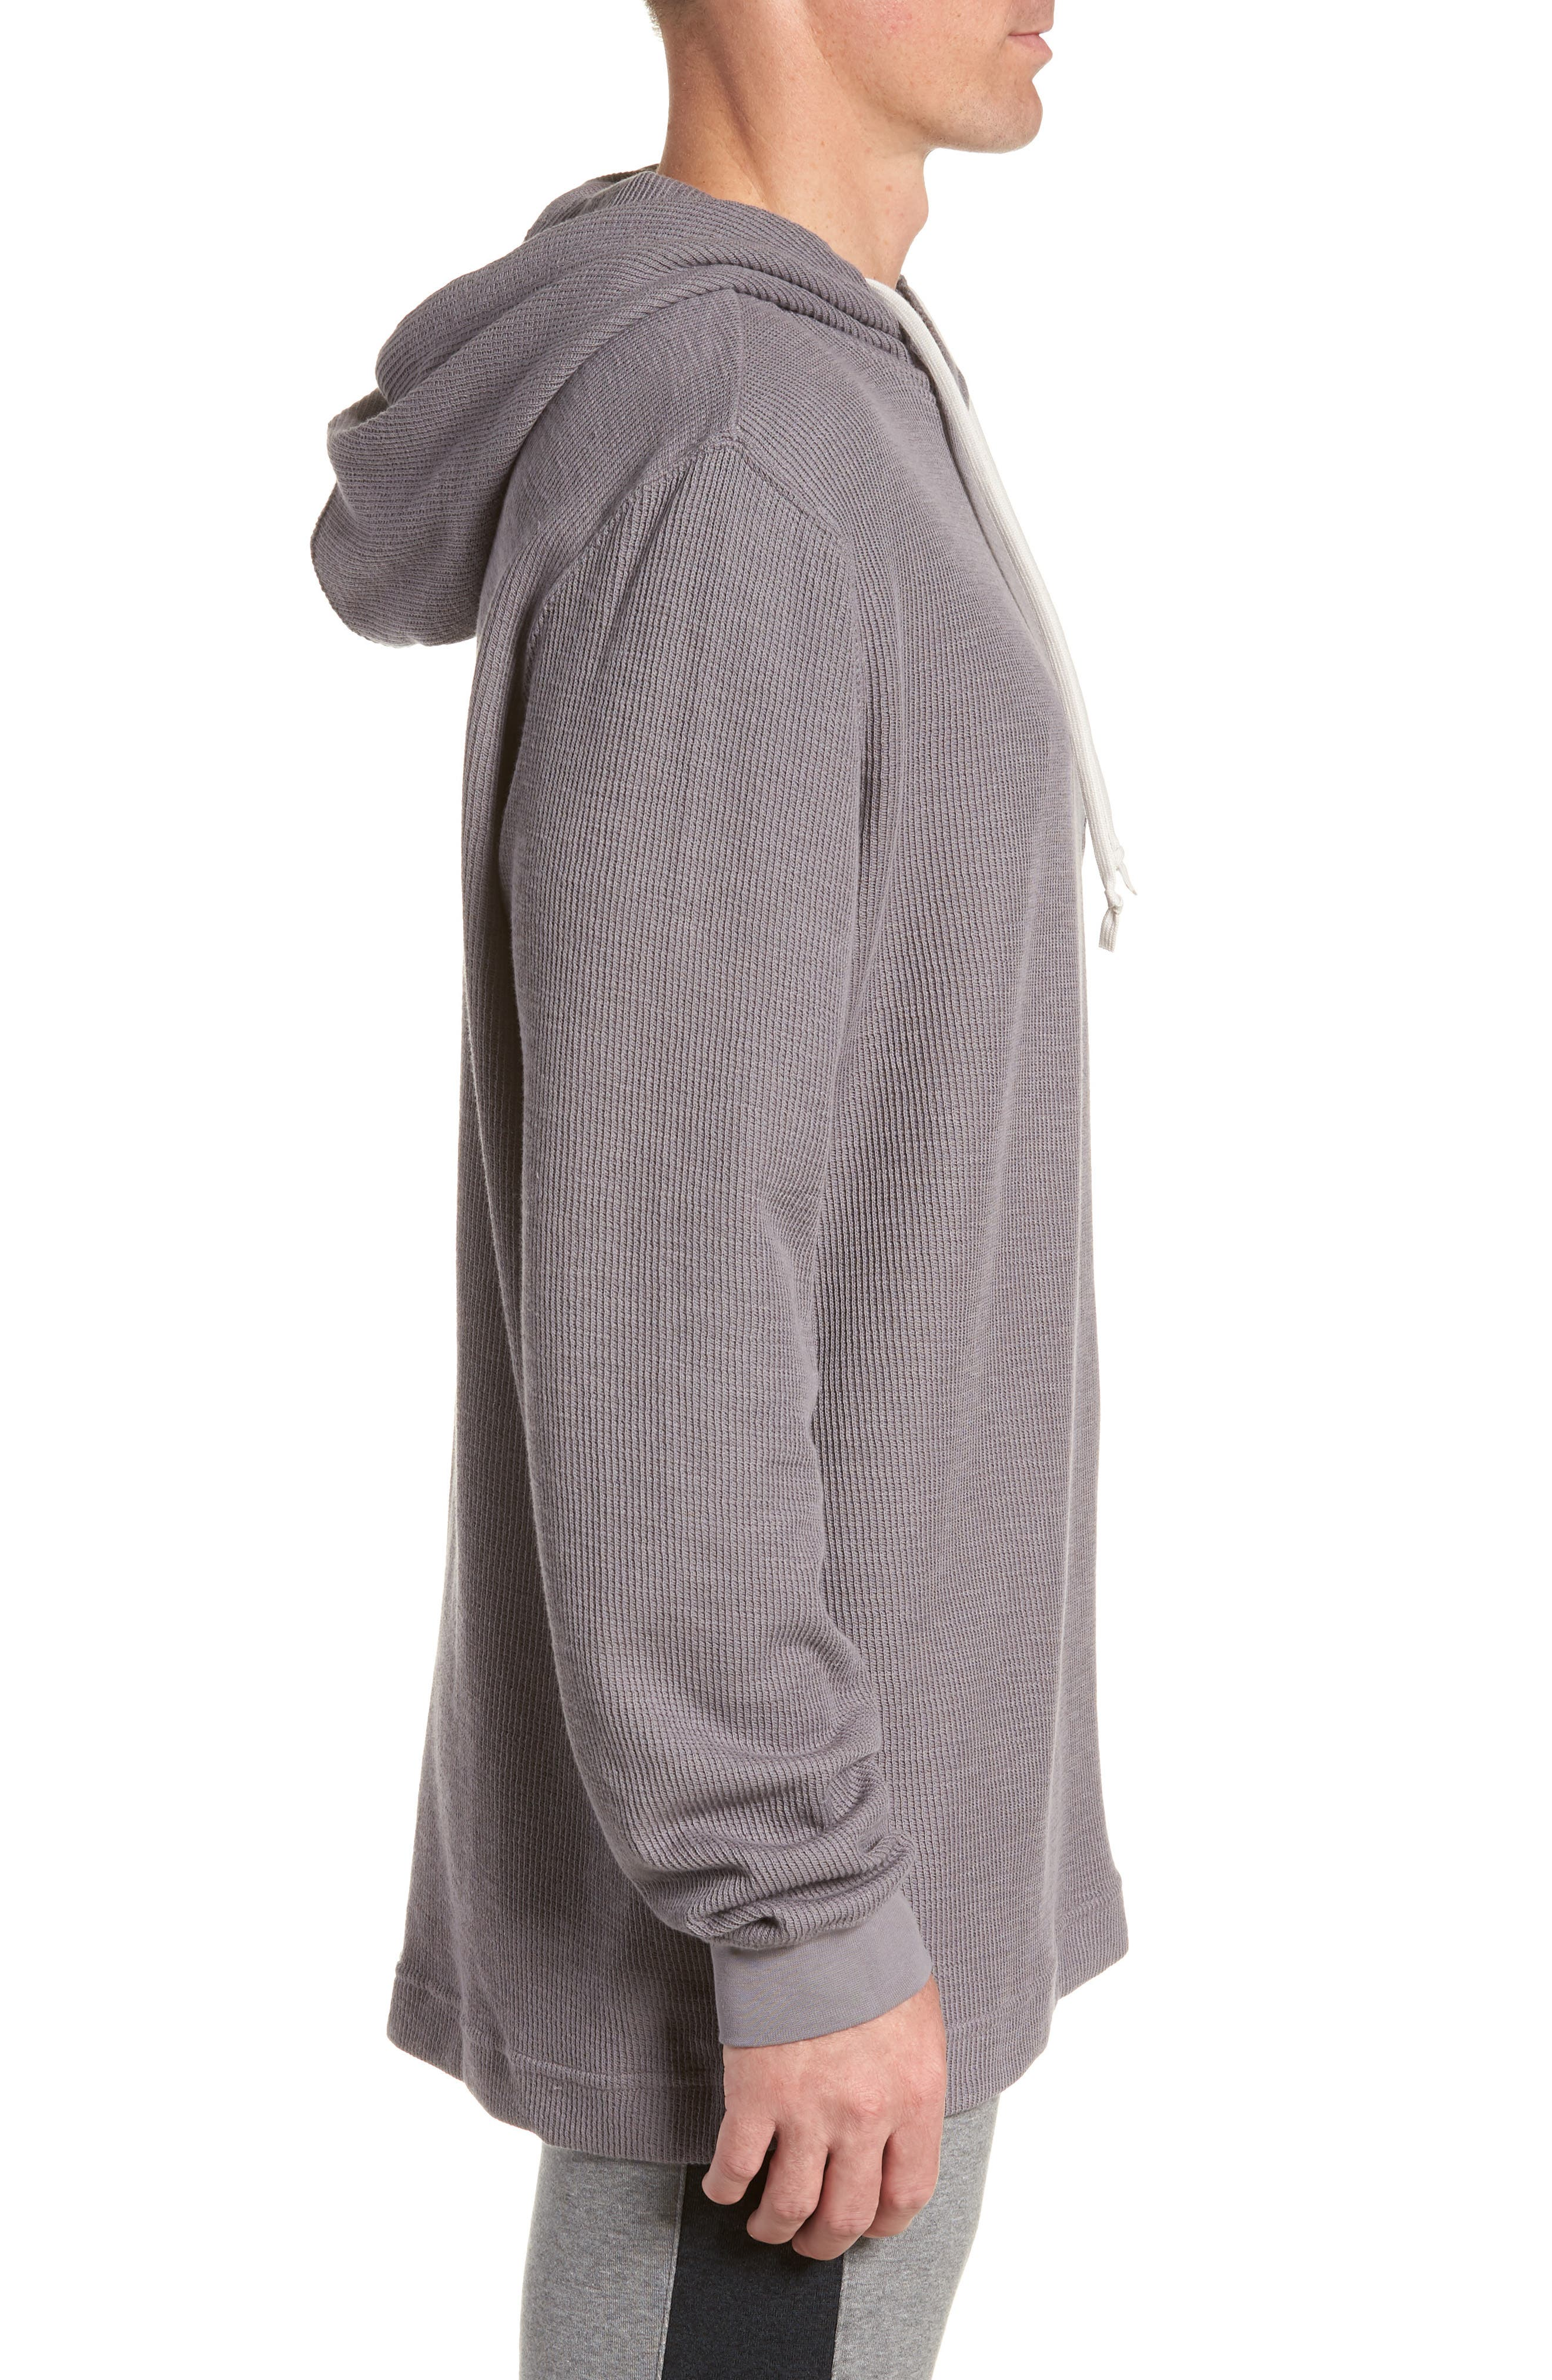 Sportswear AF-1 Hoodie,                             Alternate thumbnail 3, color,                             GUNSMOKE